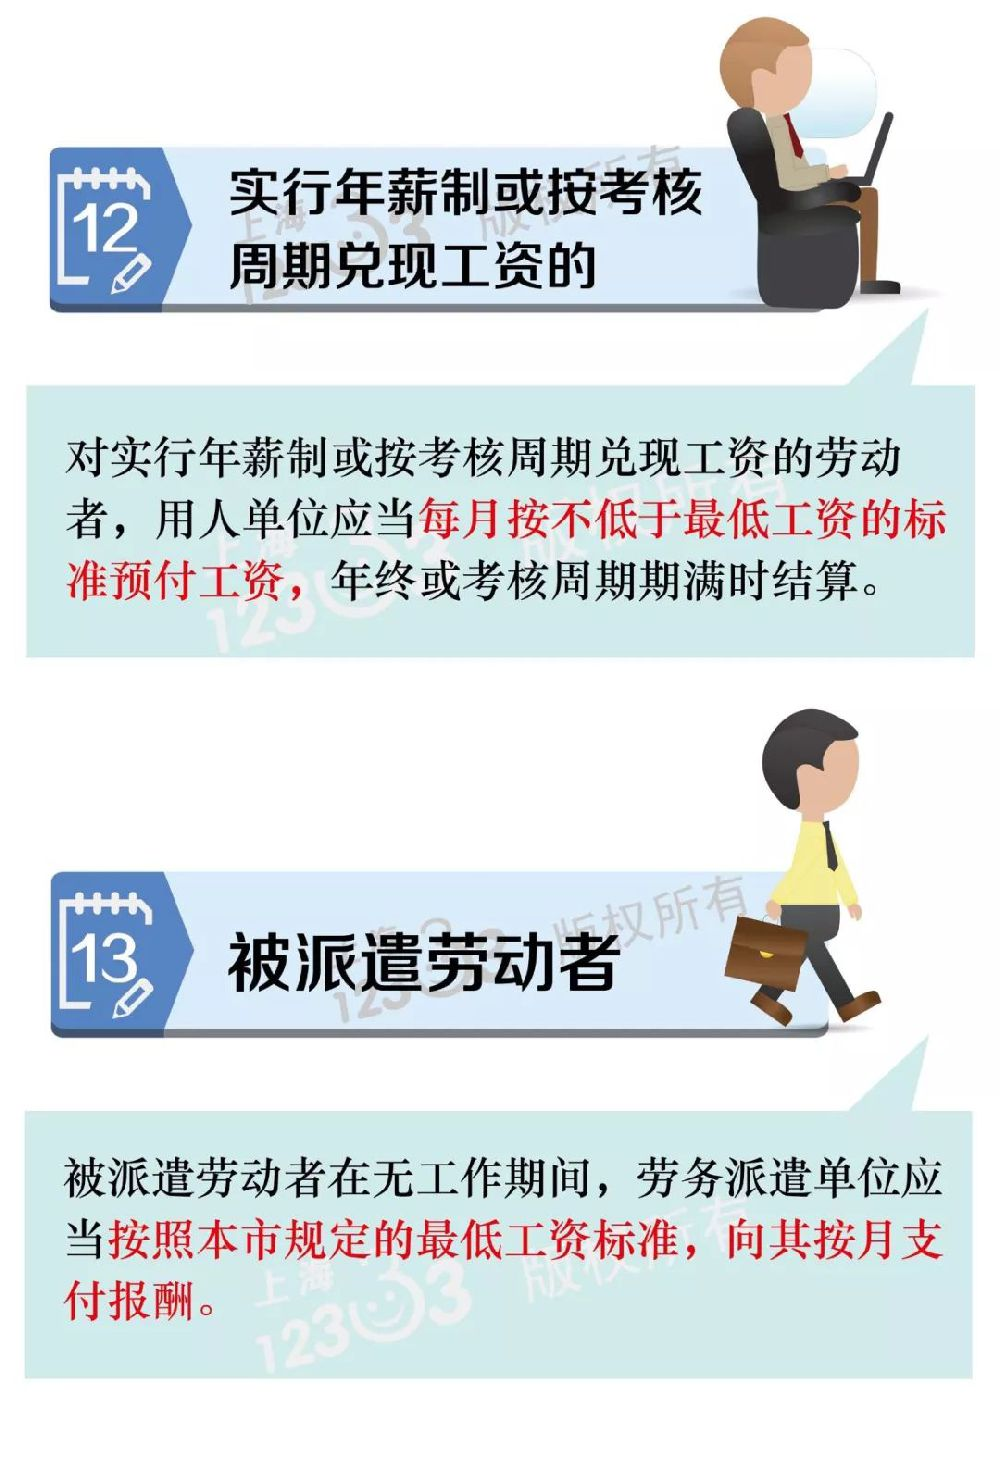 2019上海最低工资标准4月1日上调 这13项待遇将跟随调整